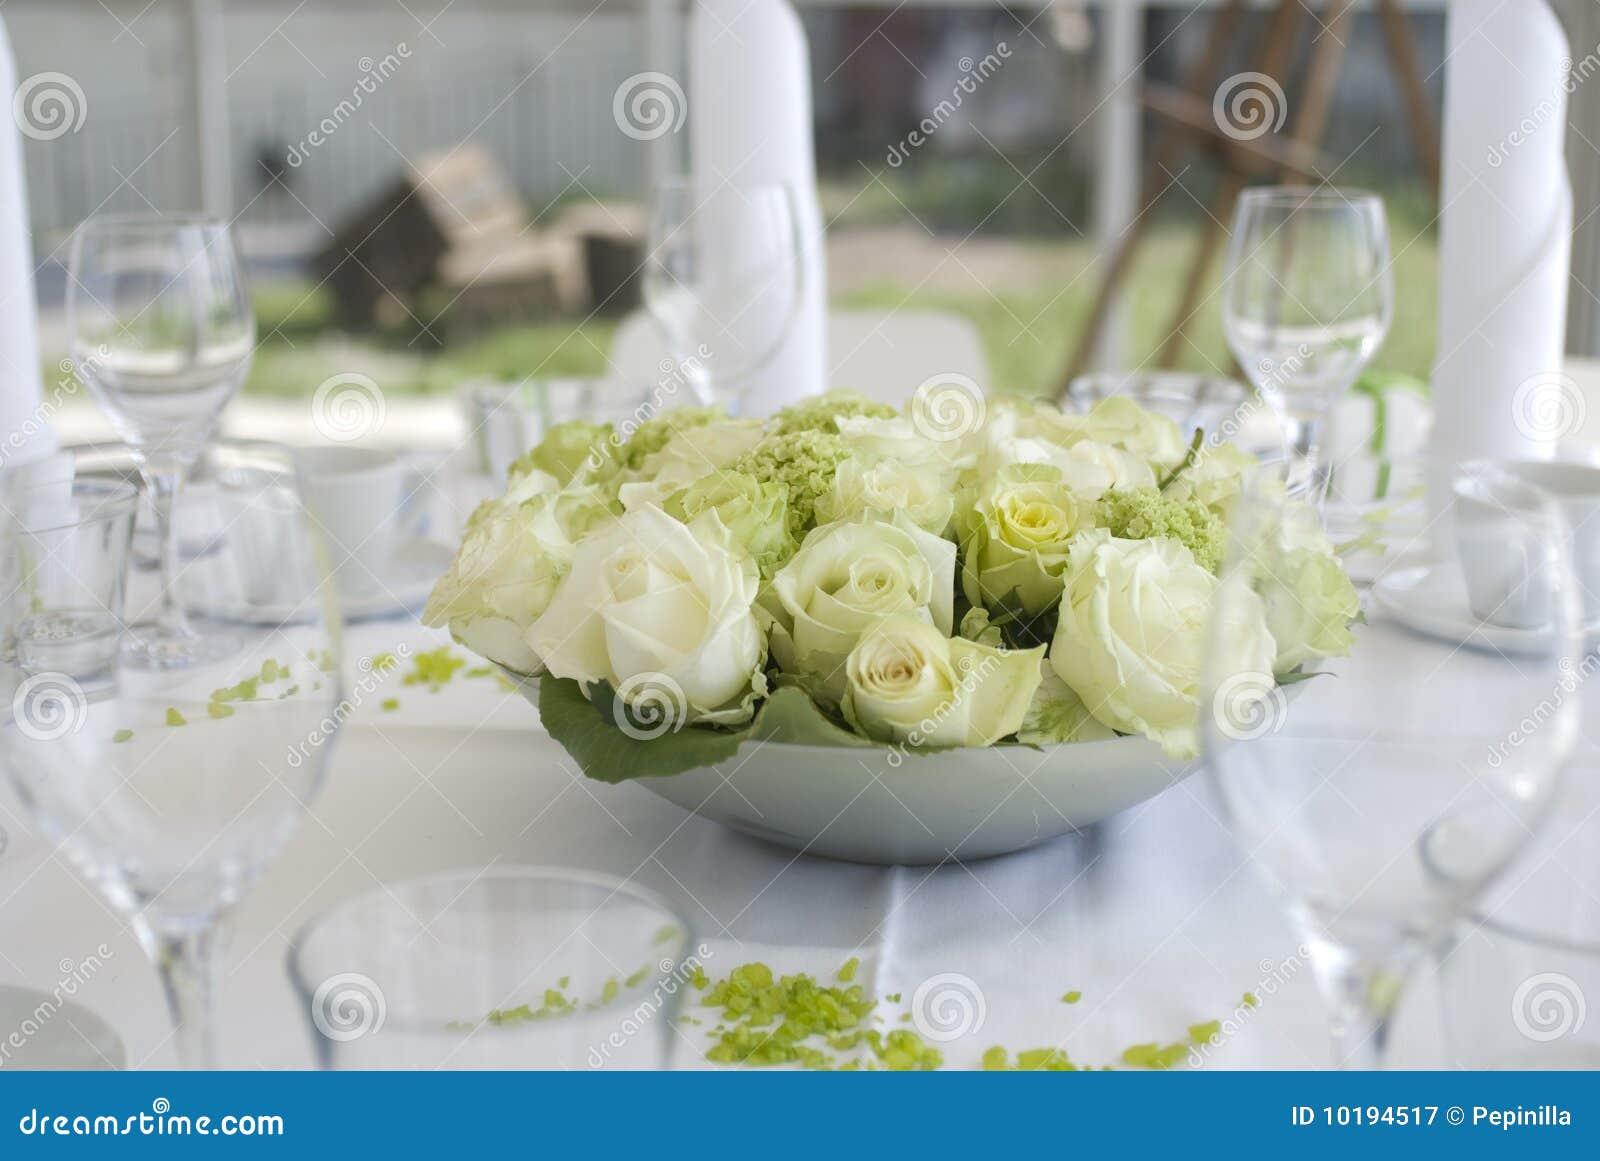 Hochzeitsdekoration lizenzfreie stockfotografie bild Hochzeitsdekoration